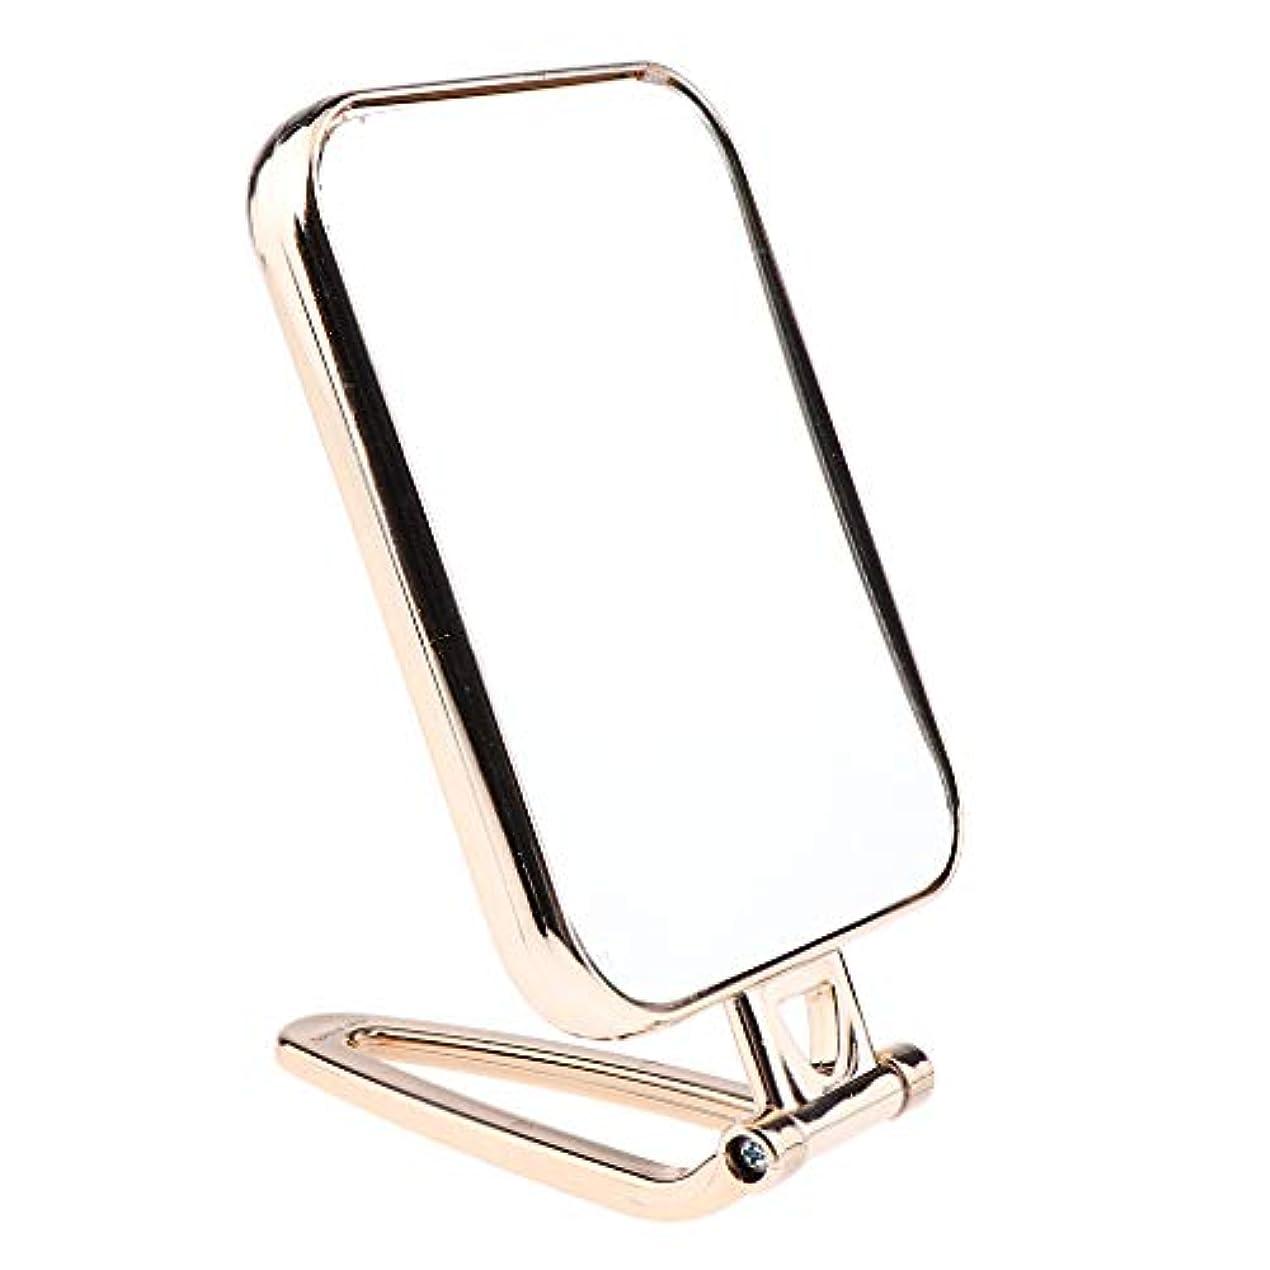 最高ソブリケット収容するF Fityle メイクアップミラー 折りたたみ ポータブル 洗面台 卓上 旅行 コンパクトミラー 2タイプ選べ - ゴールド